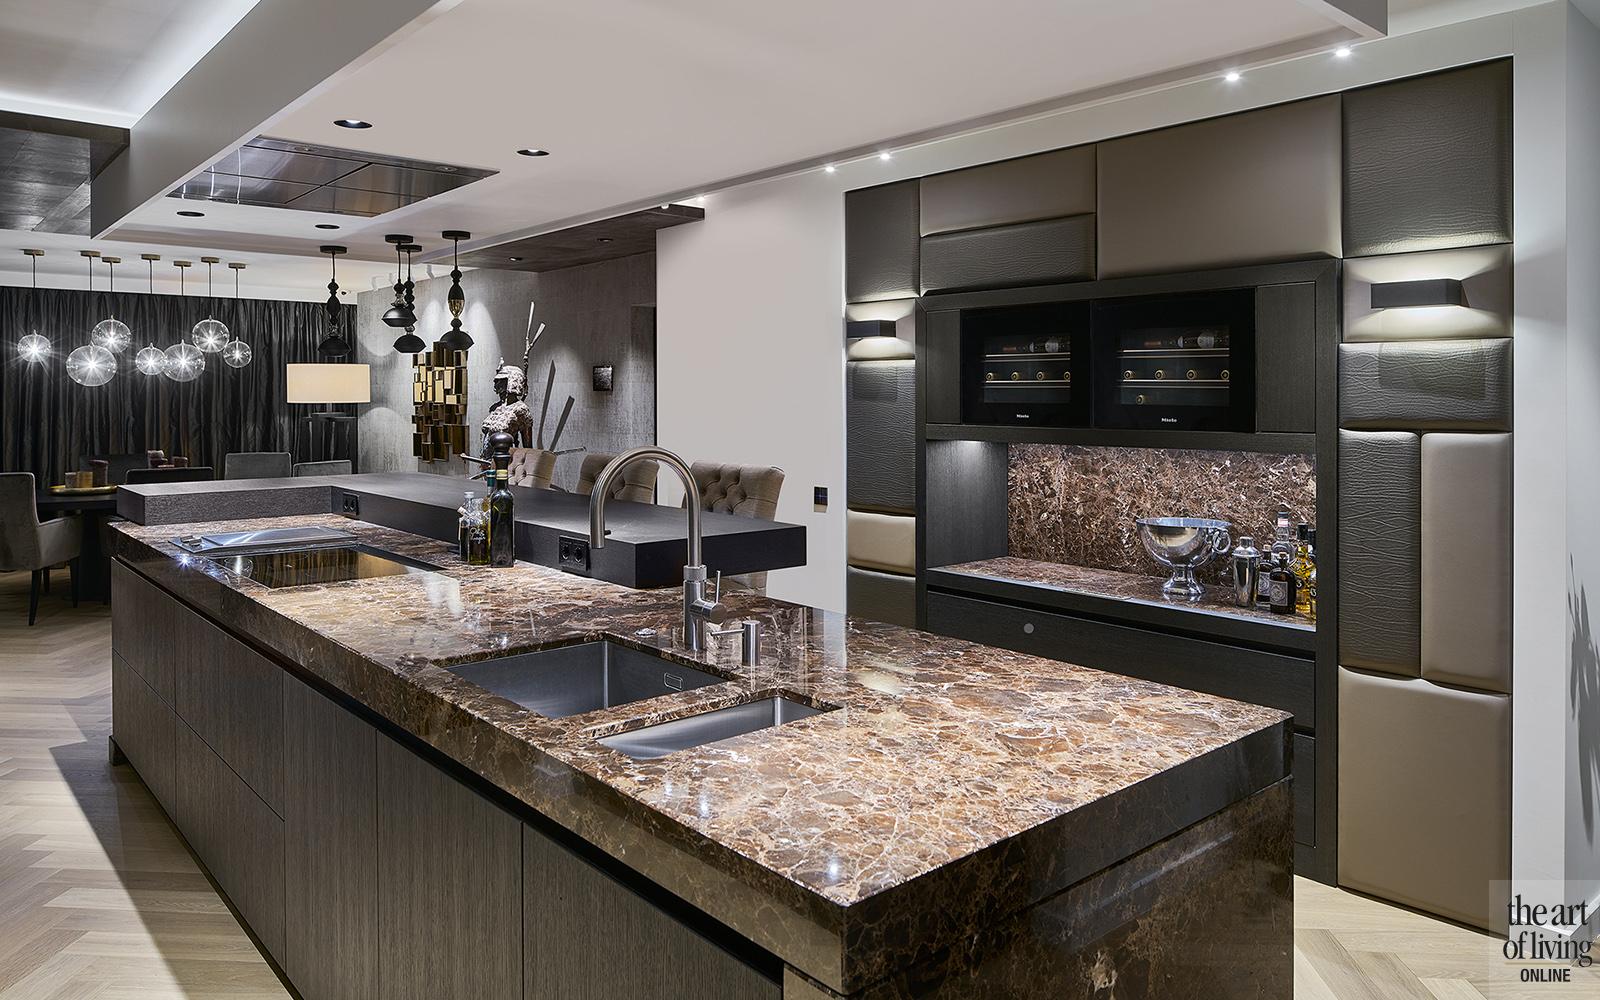 Keuken, Uniek, Huis van Strijdhoven, the art of living, natuursteen, donker